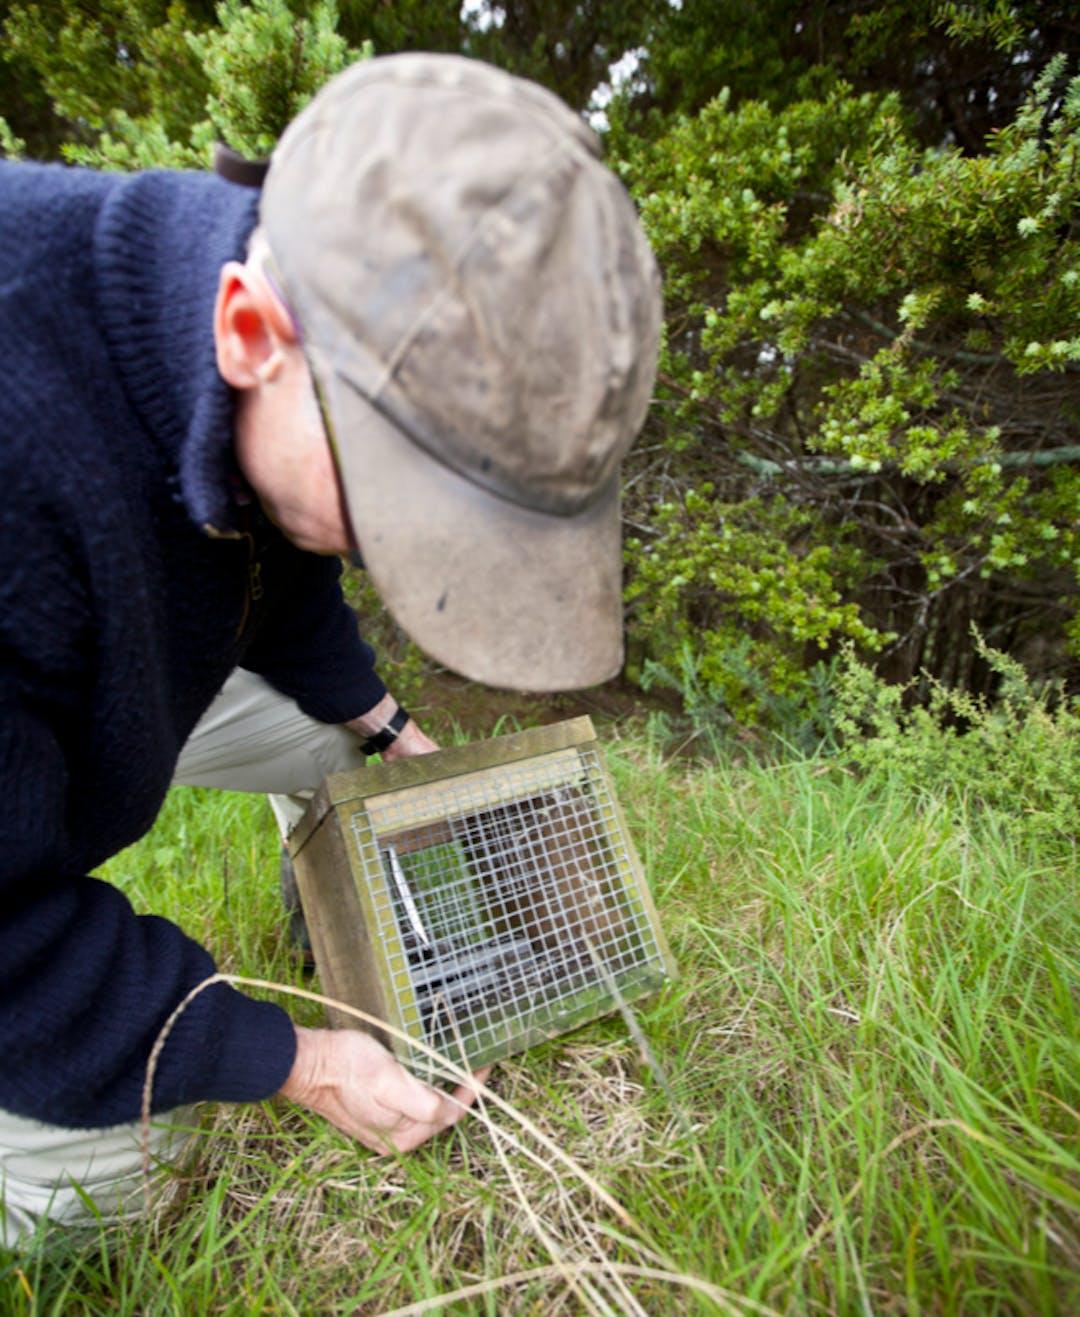 A man checking a pest trap